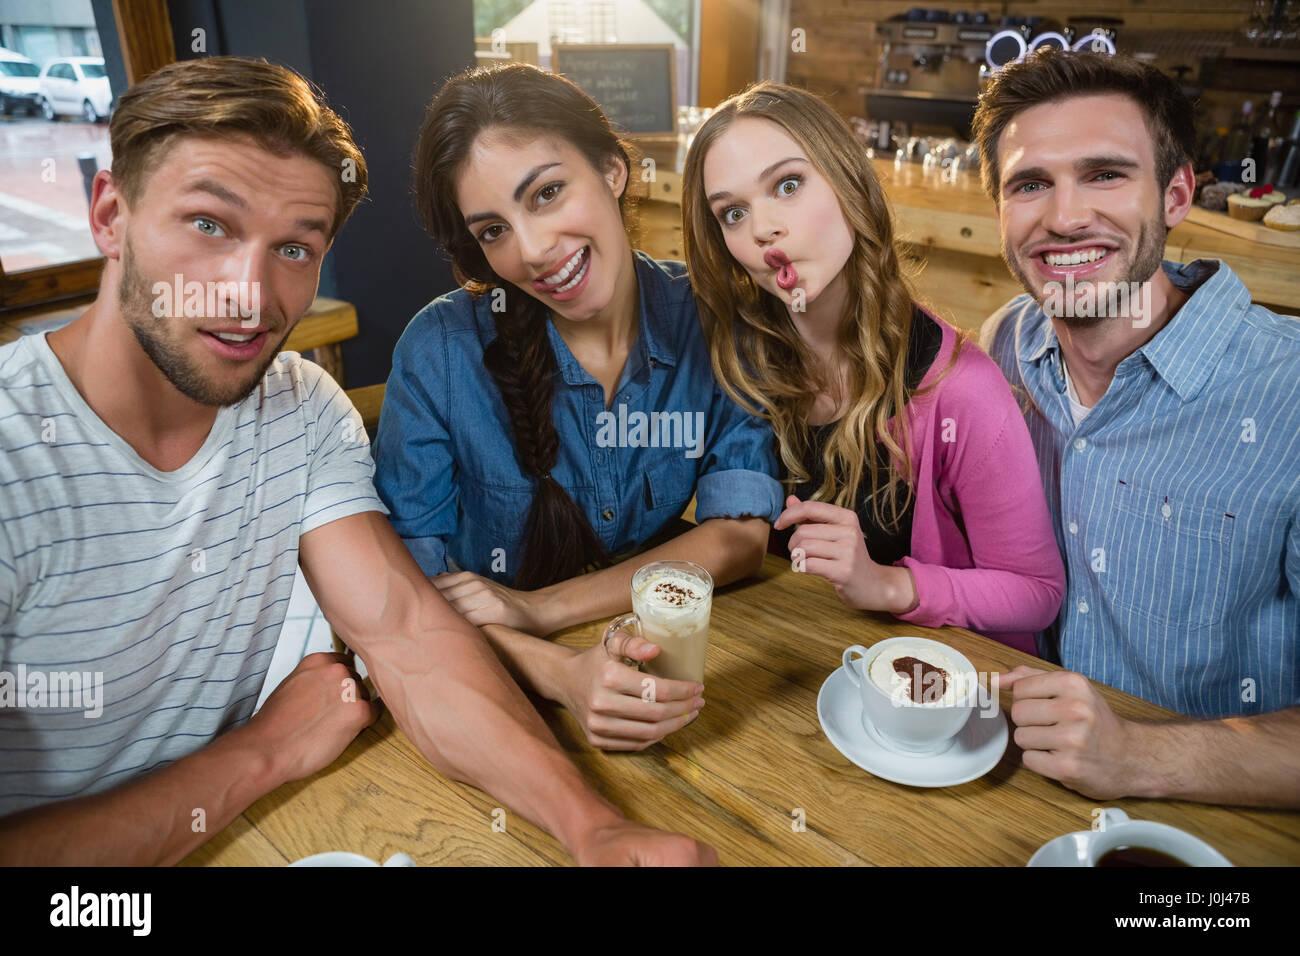 Retrato de amigos haciendo caras felices mientras tomábamos café en café Imagen De Stock